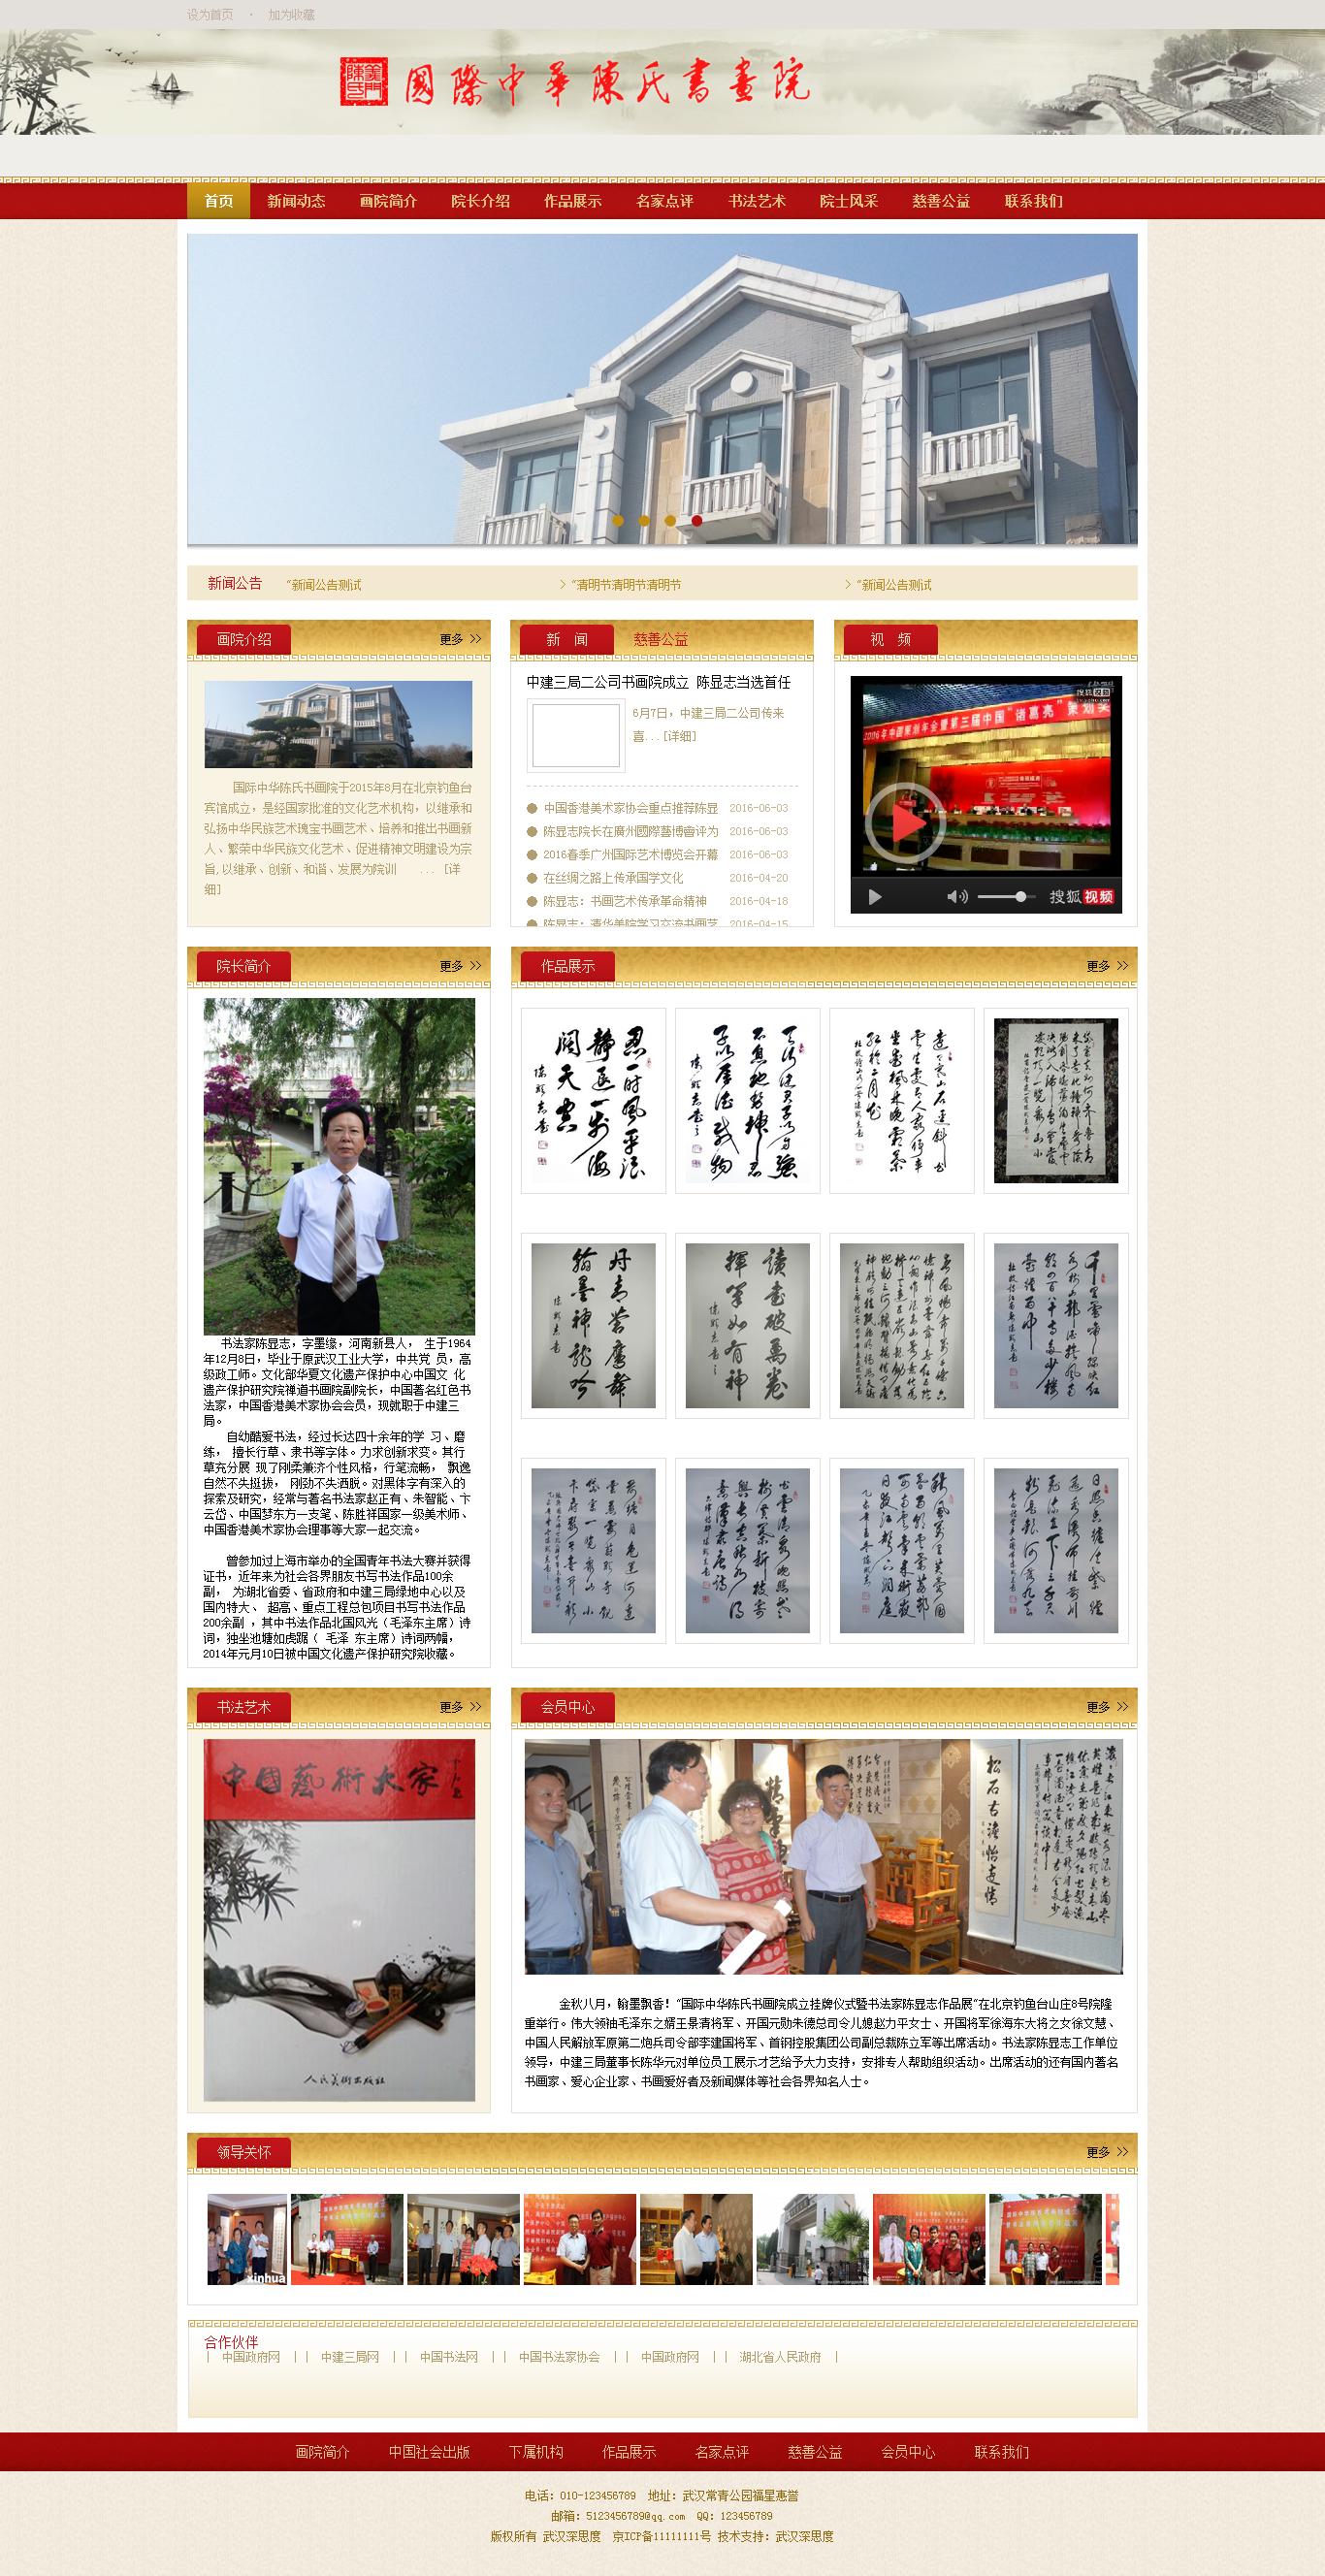 国际中华陈氏书画院